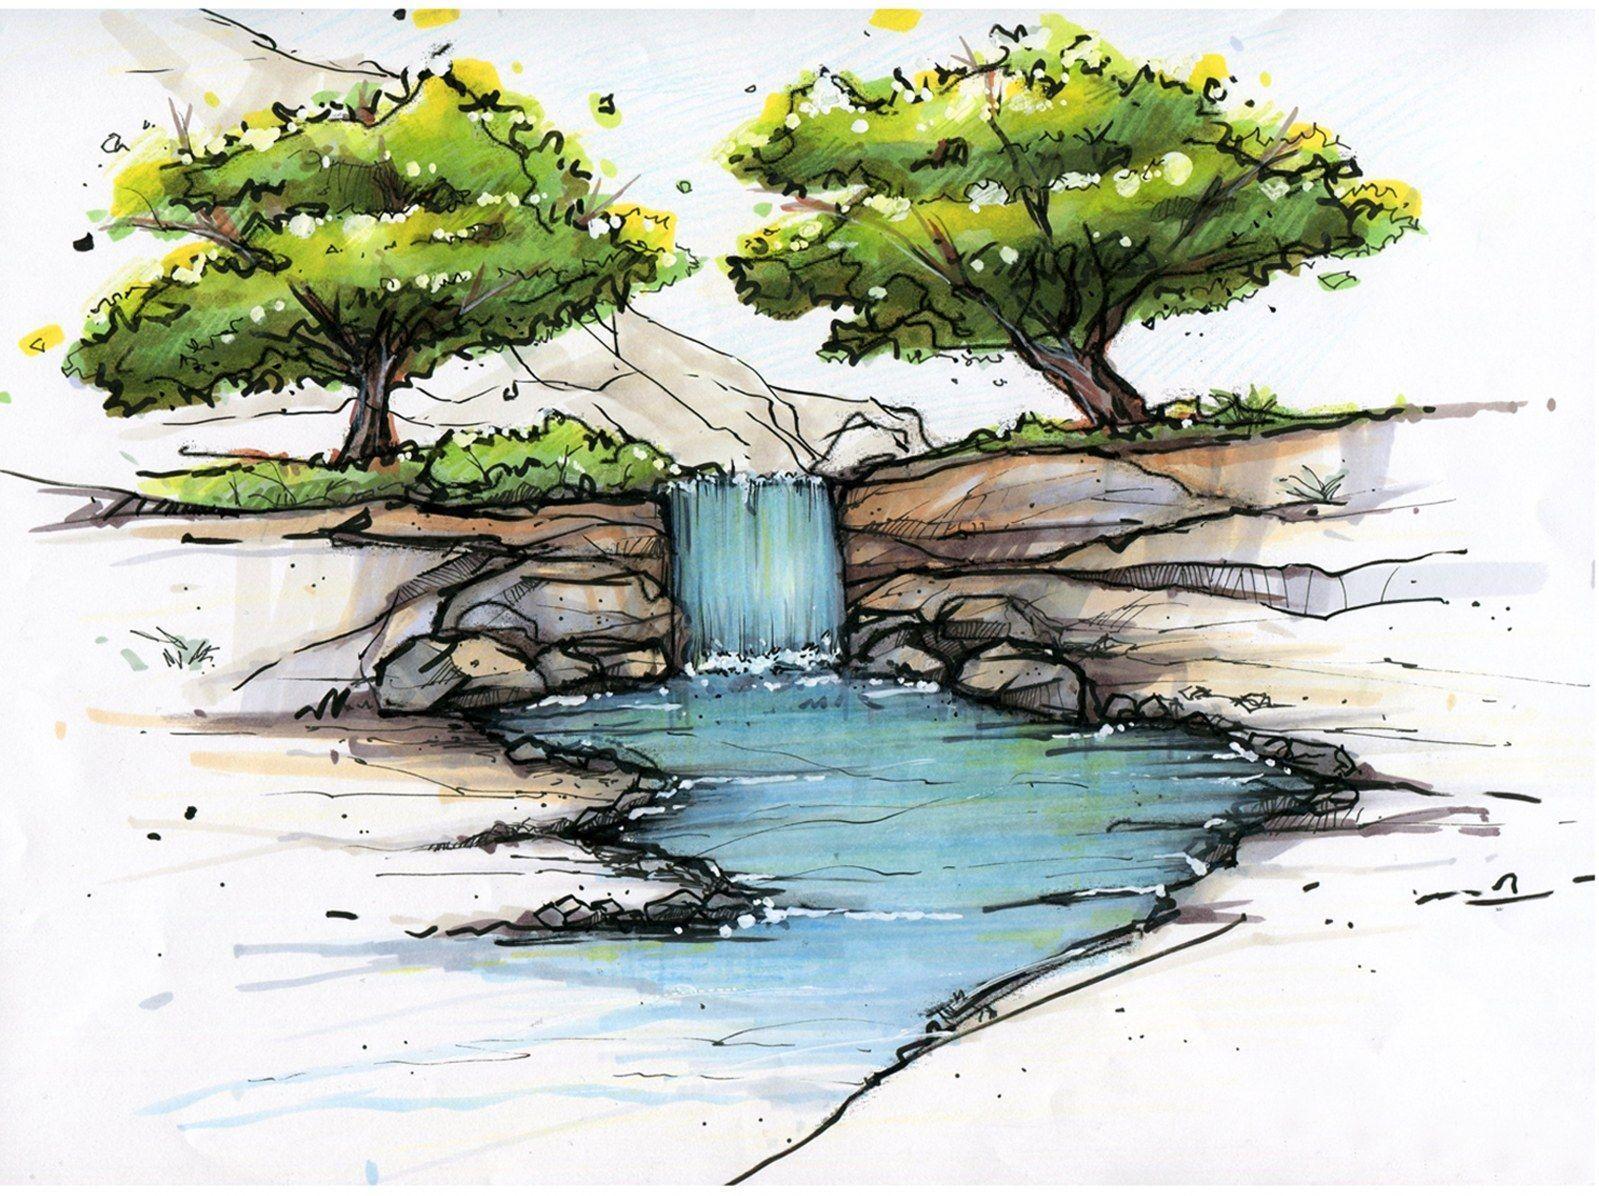 галочки рисунок с деревом и водой ступеням